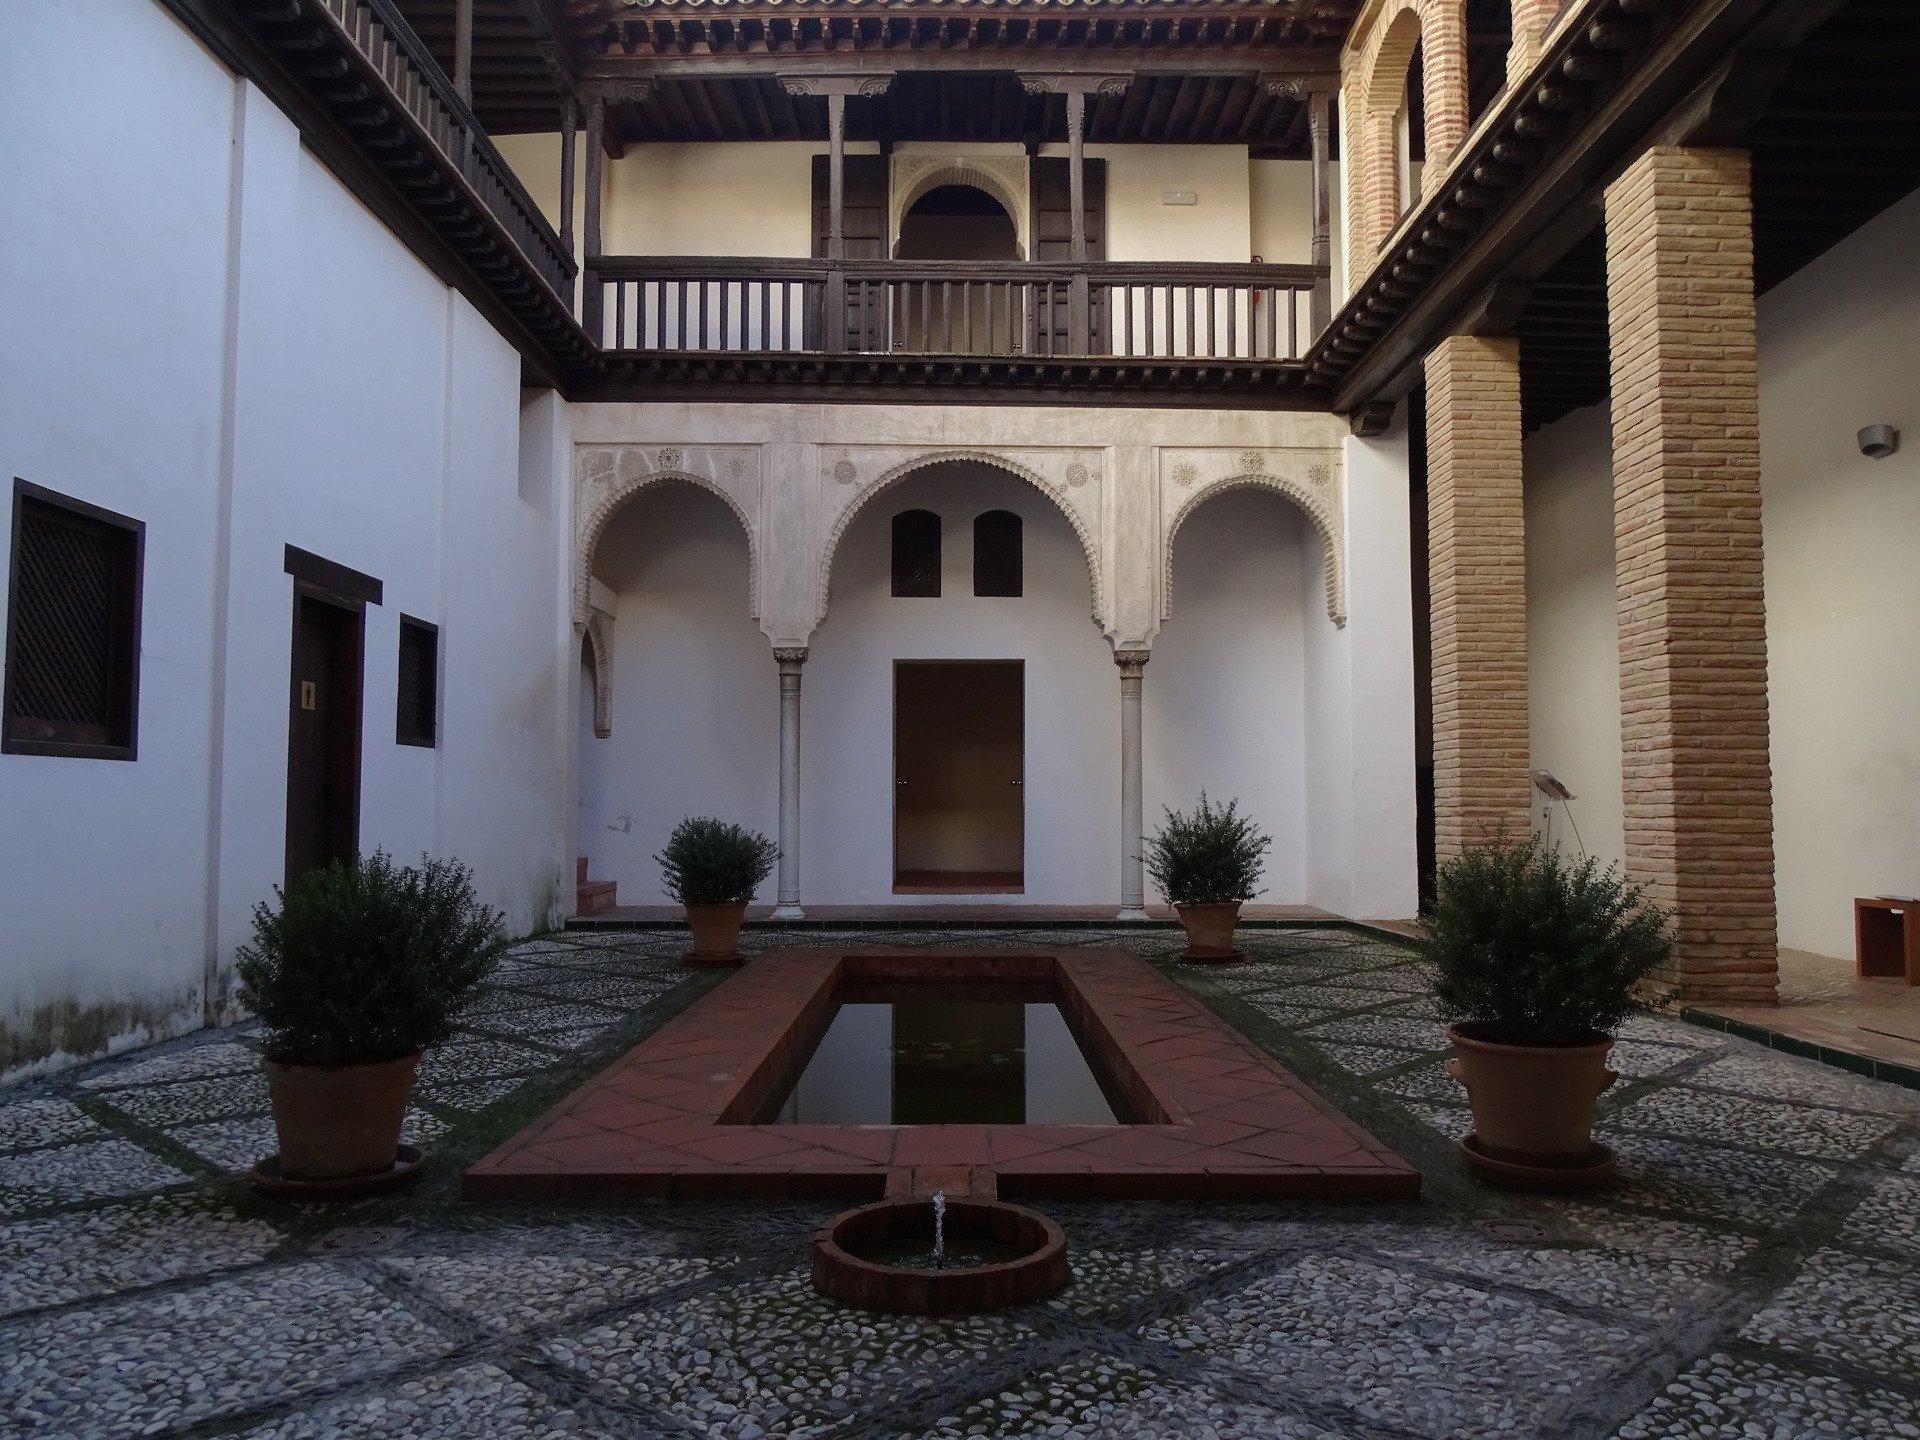 Palaces in granada being a nomad - Casa horno de oro ...